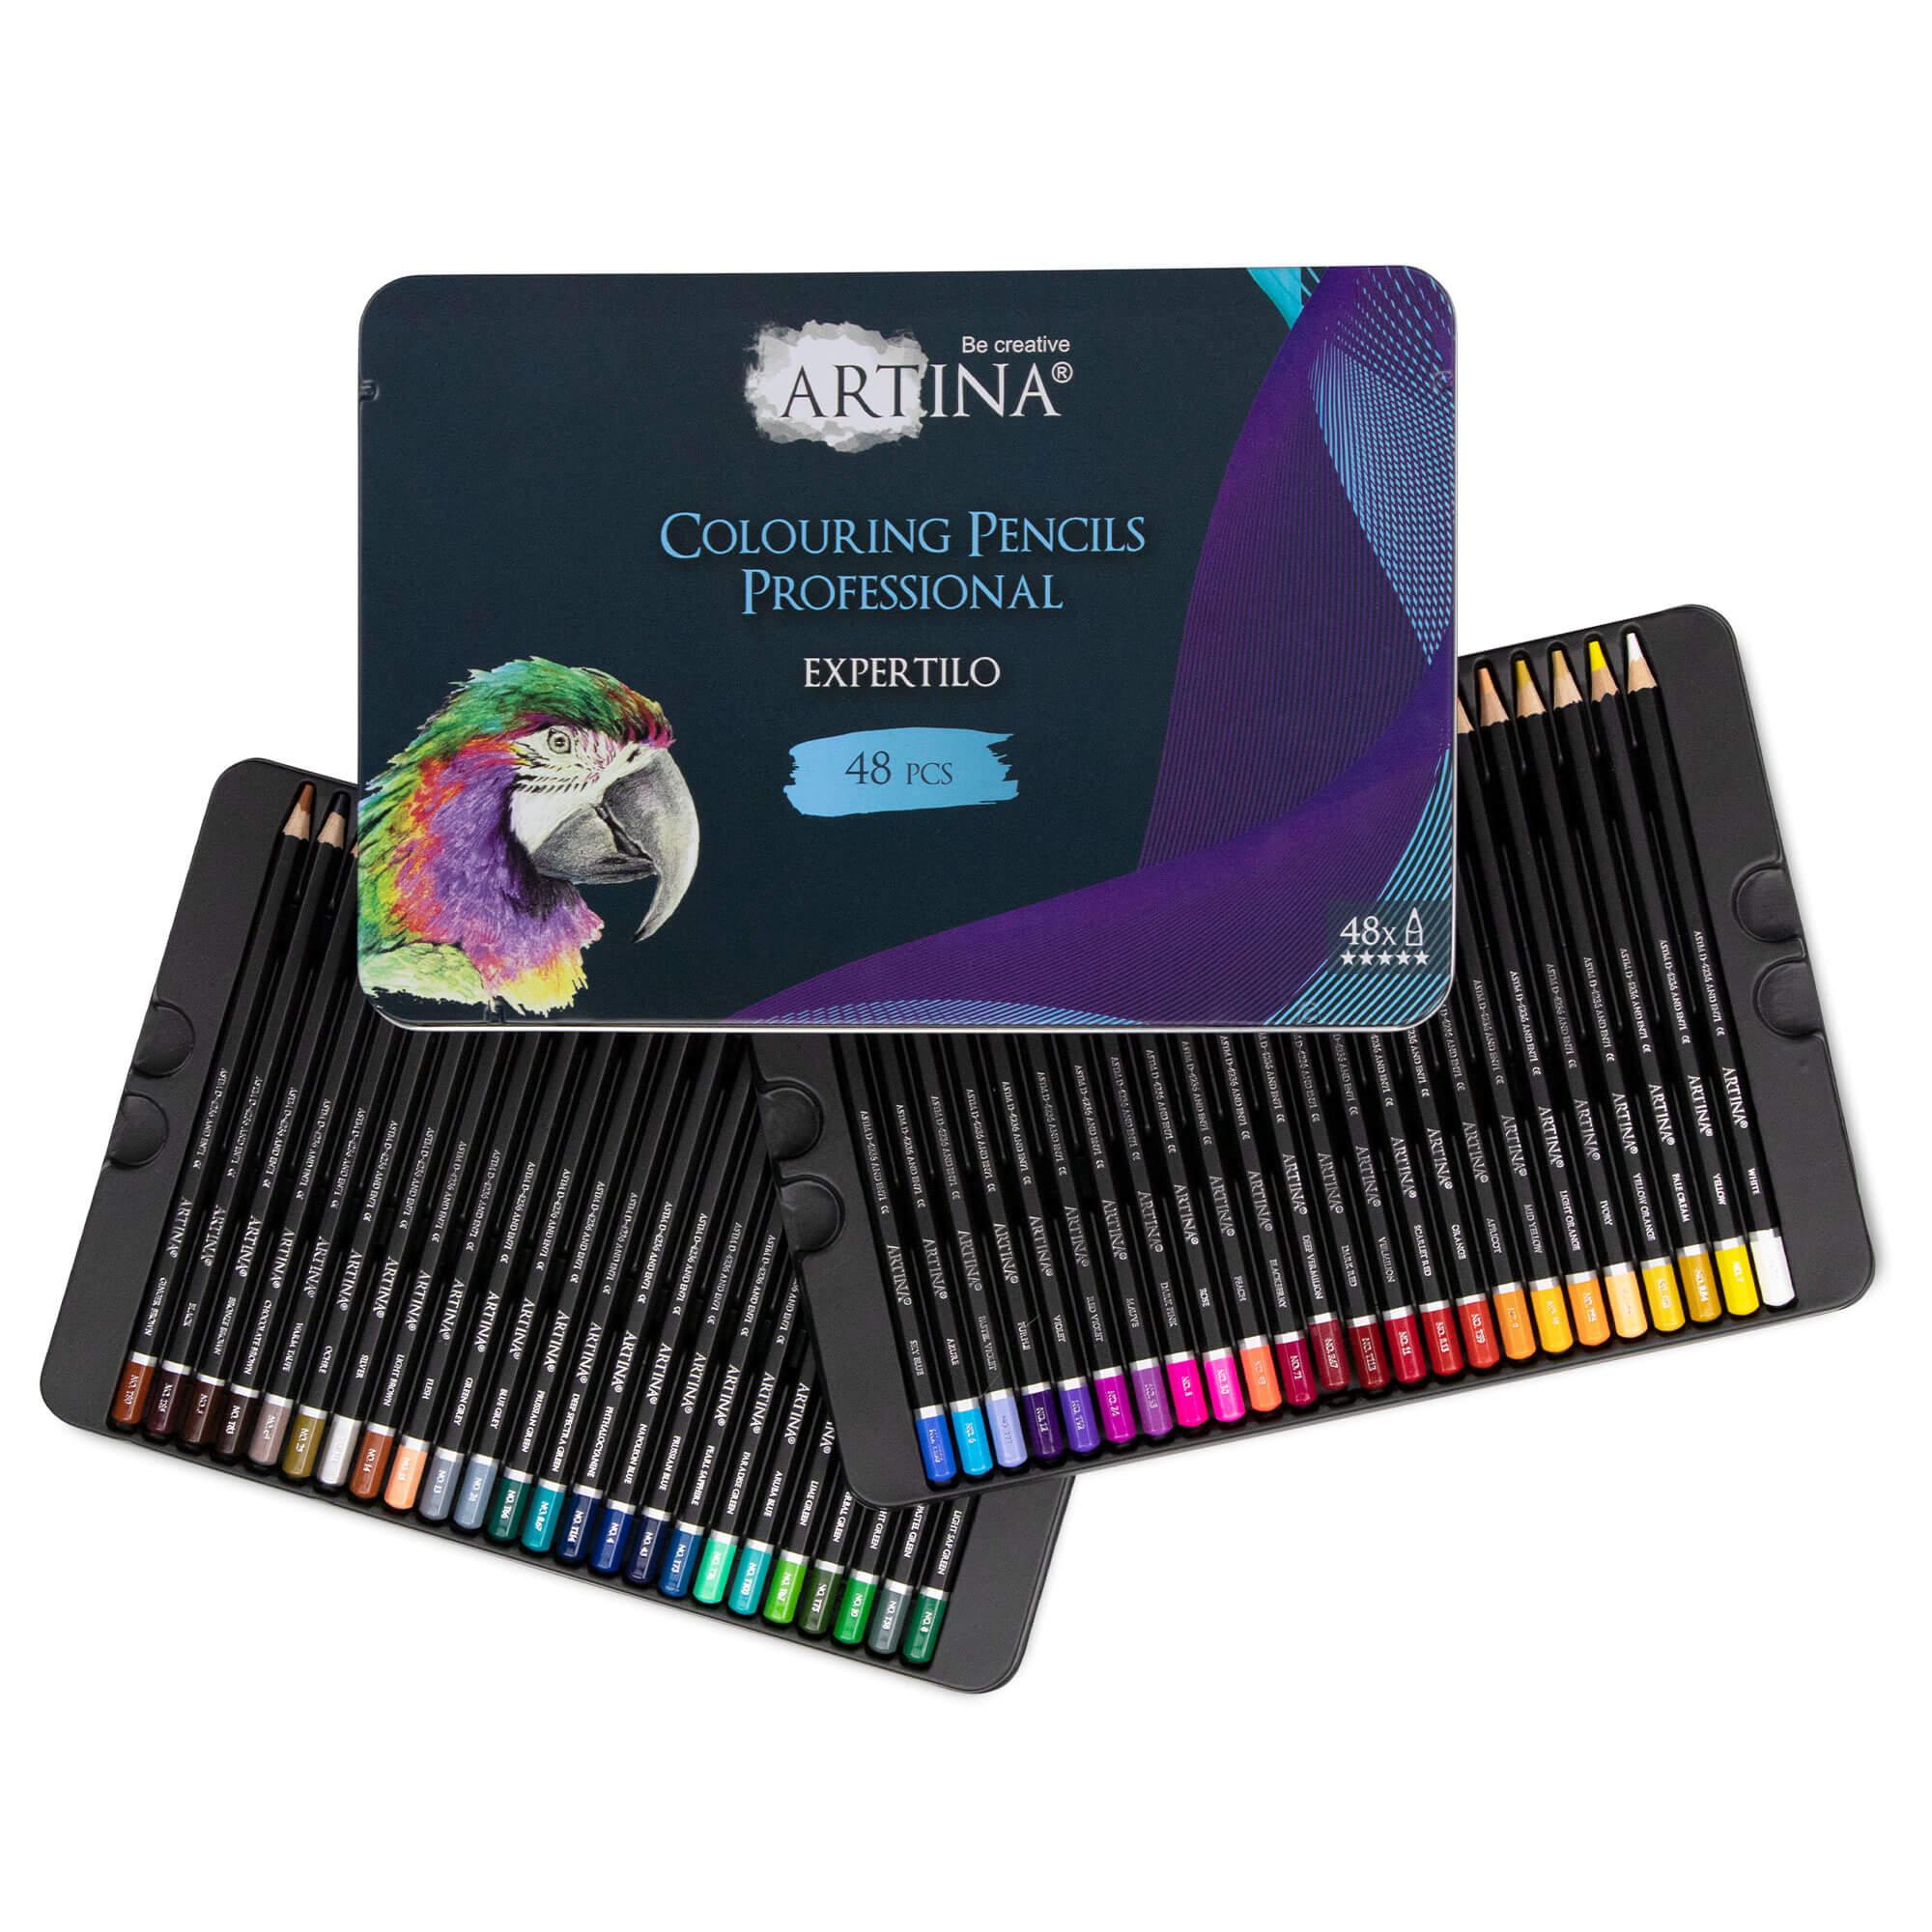 48er Set Artina Buntstifte Expertilo Professionell Farbstifte FSC® Zertifikat